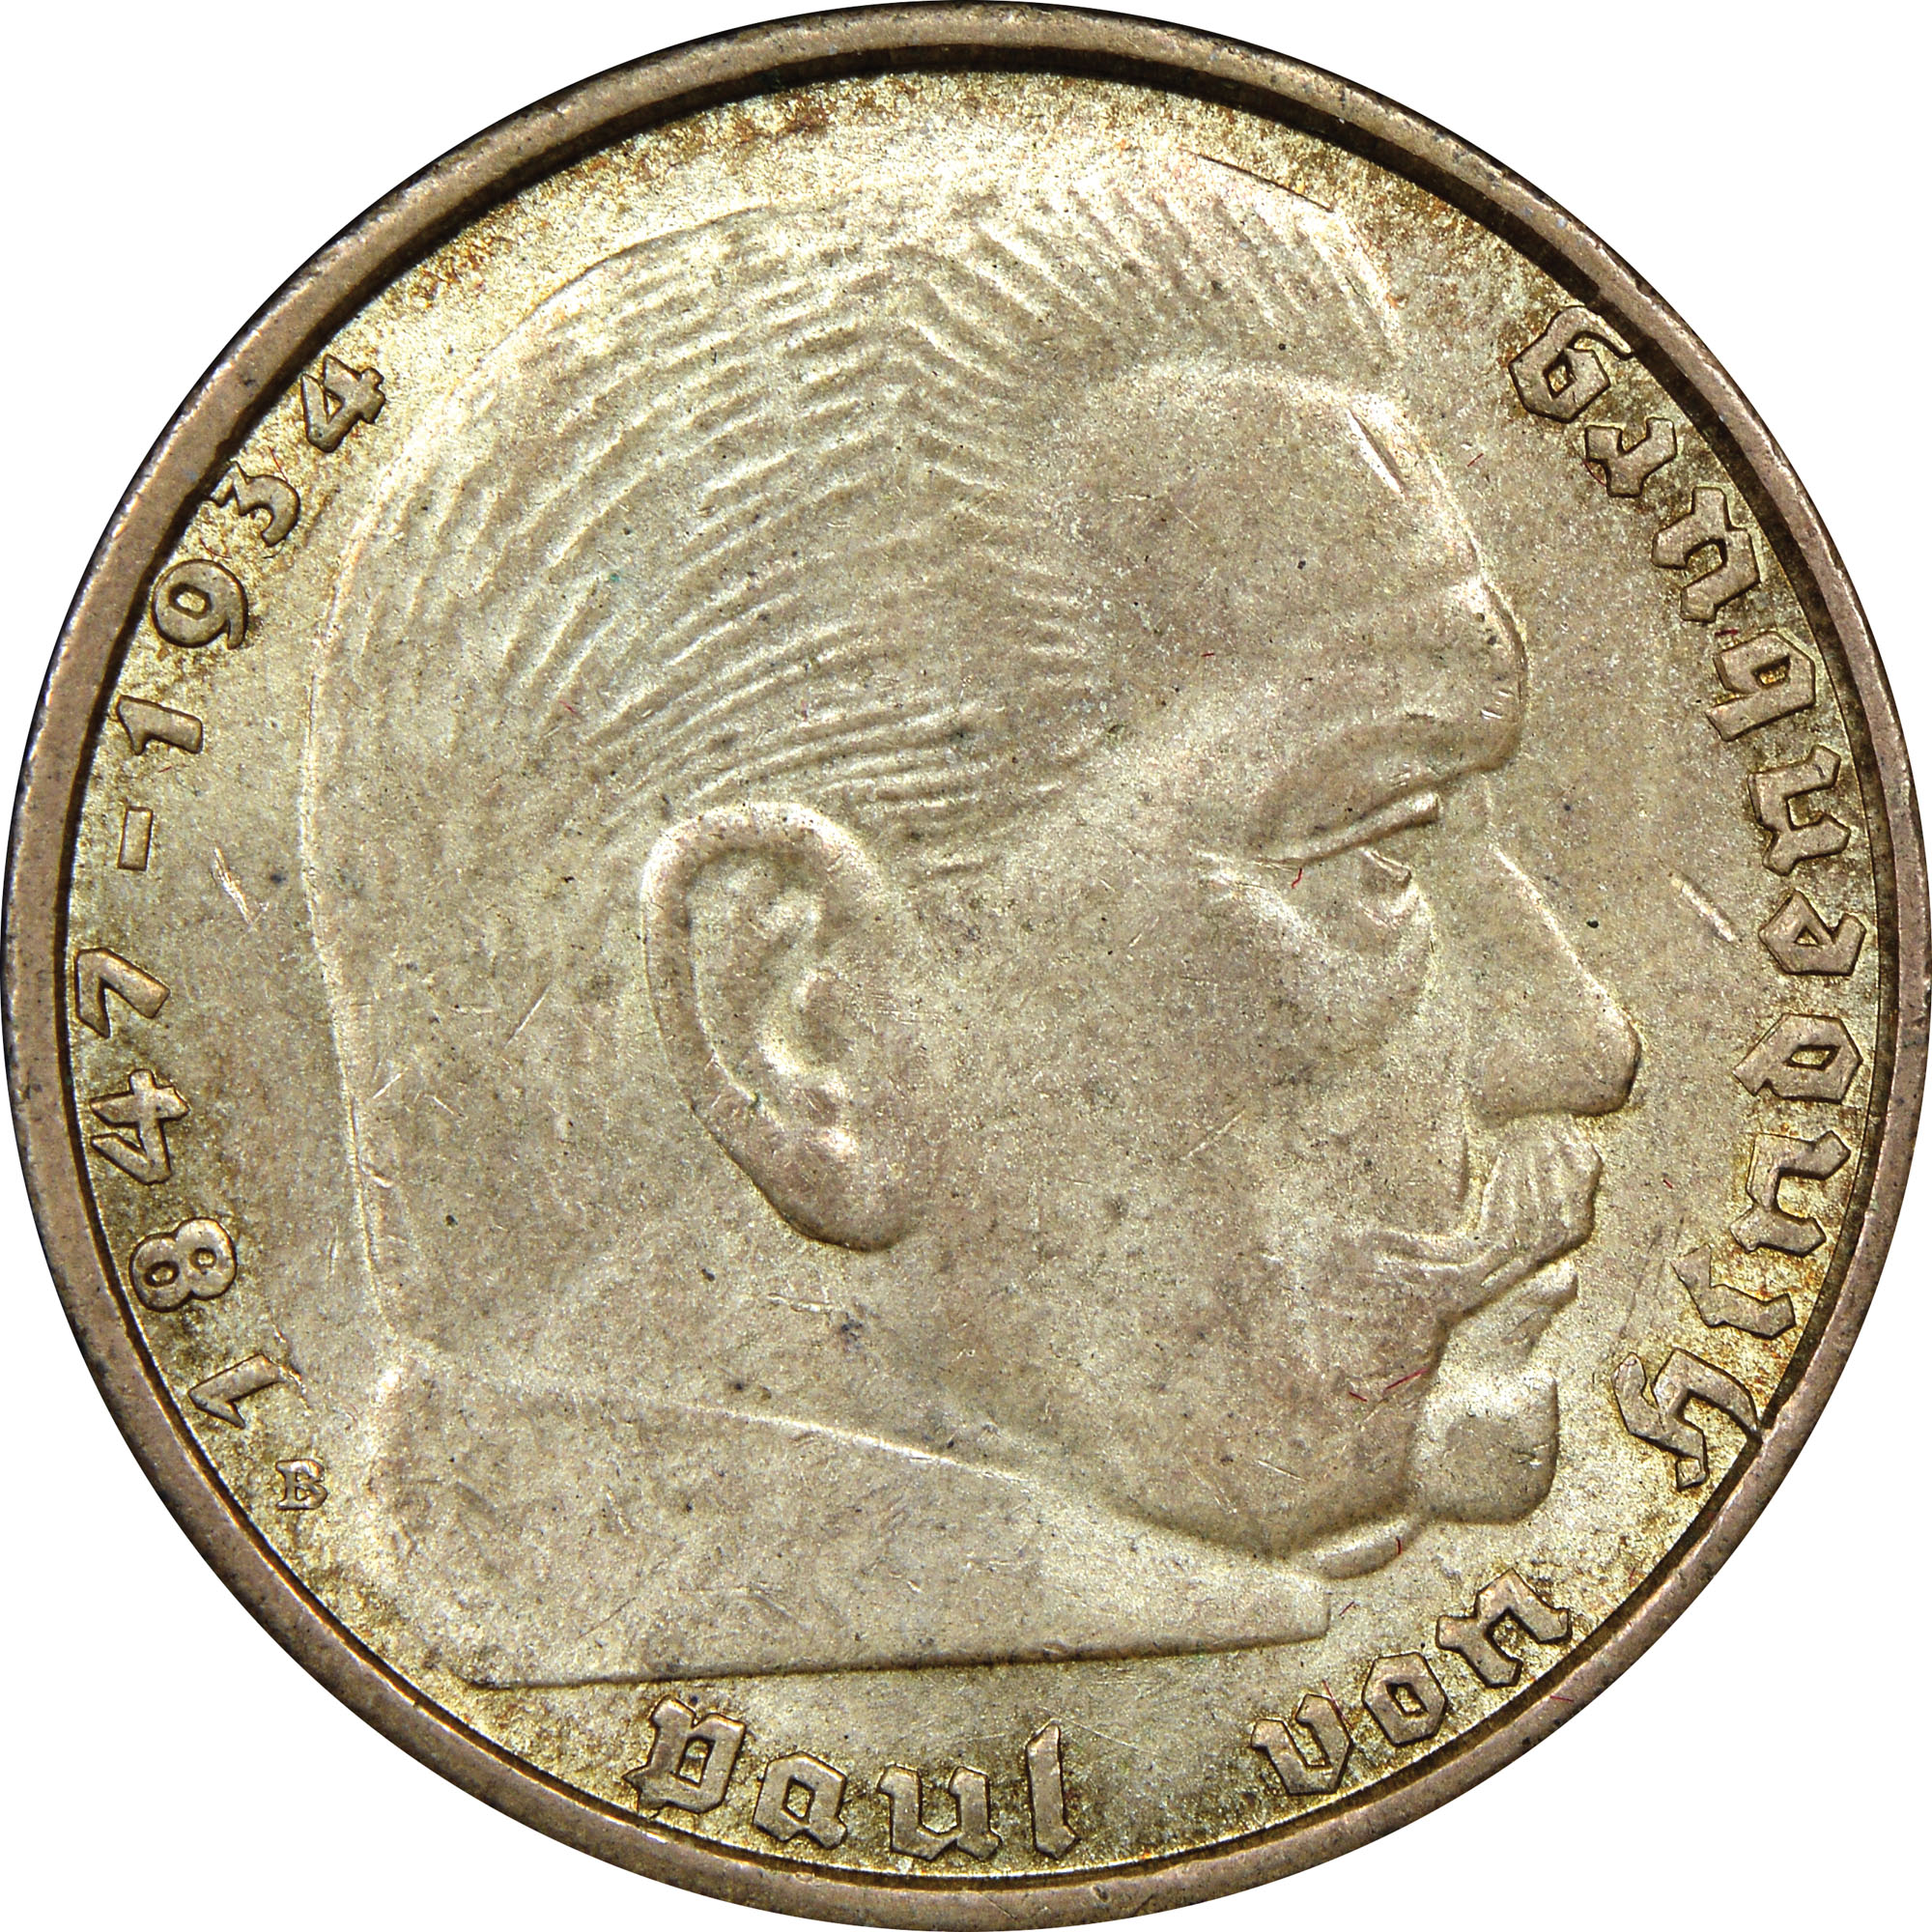 Germany - Third Reich 2 Reichsmark reverse